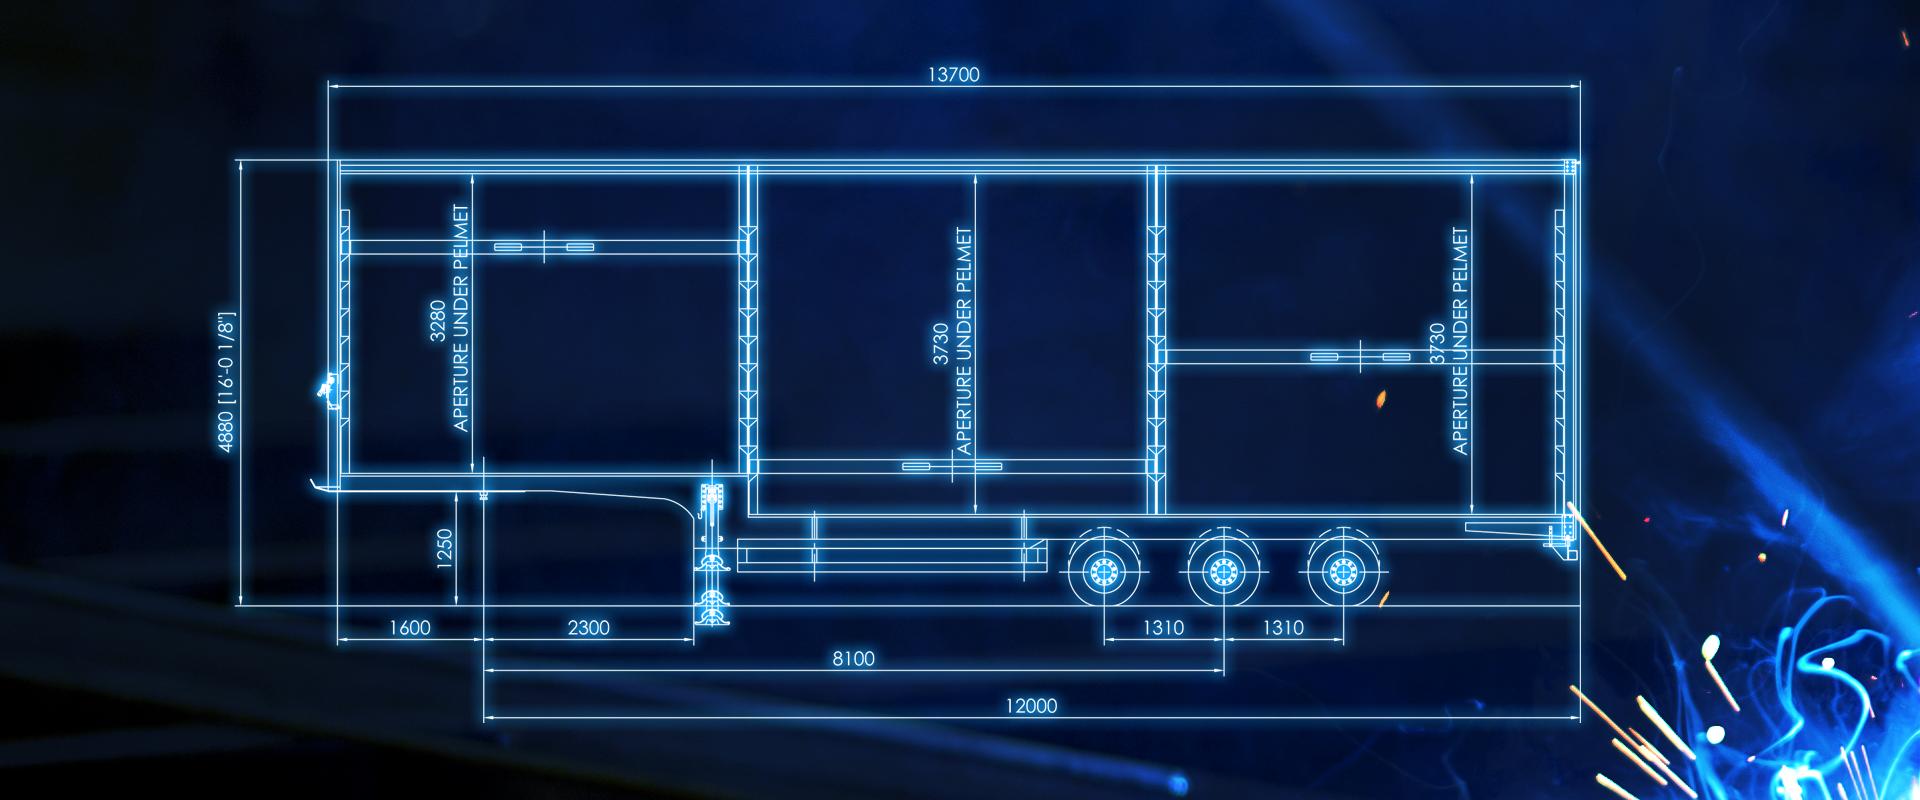 curtainsided ratchet deck trailer blueprint